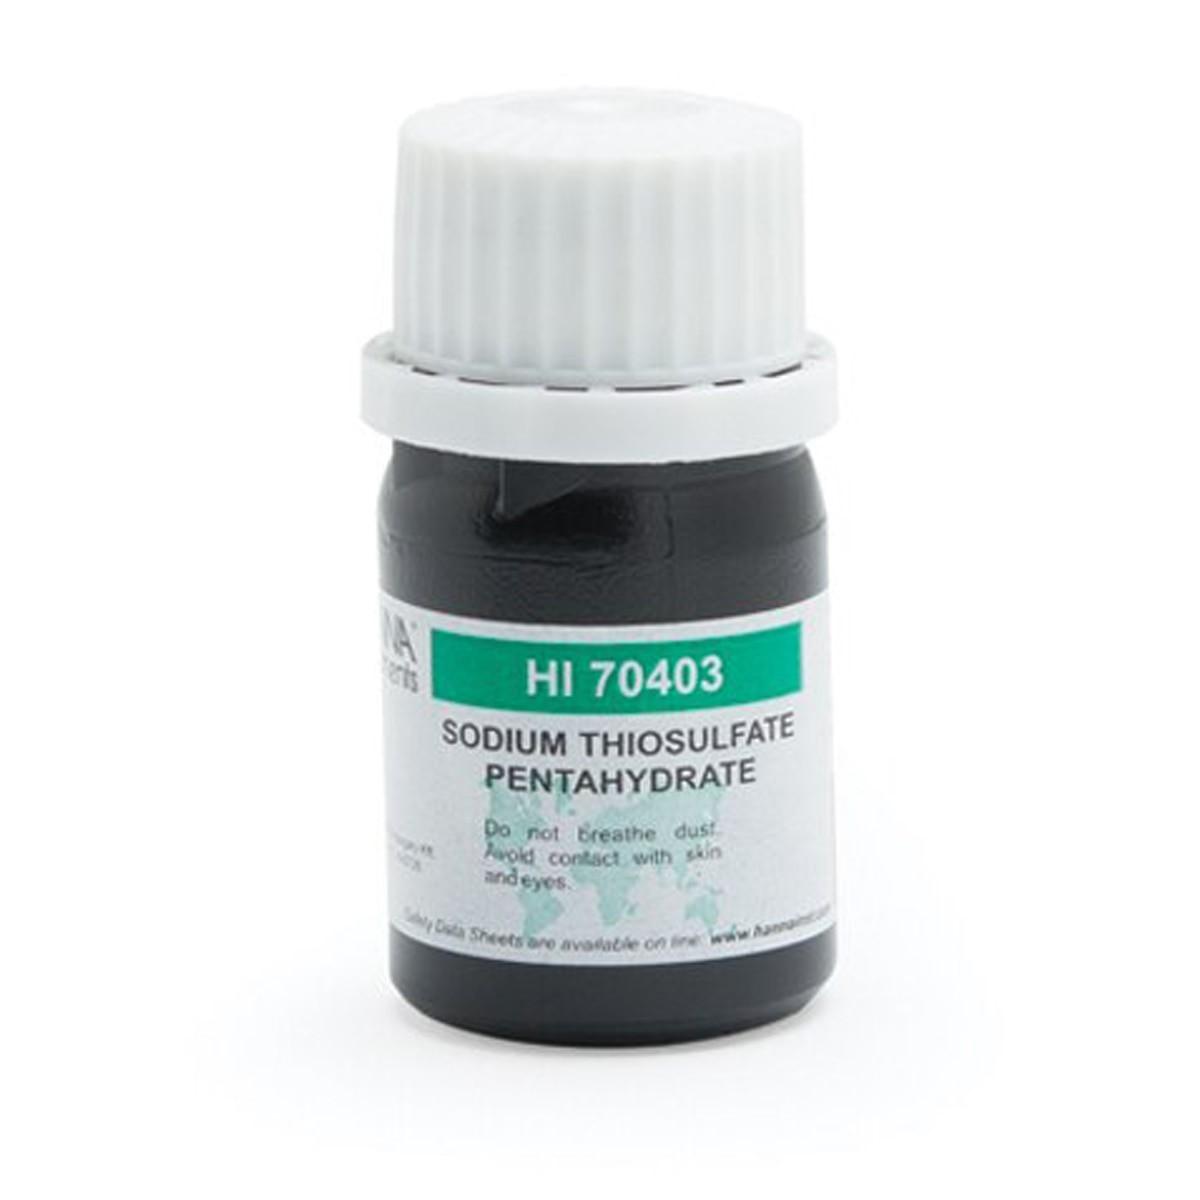 Sodium Thiosulfate Pentahydrate Reagent, 20 g - HI70403